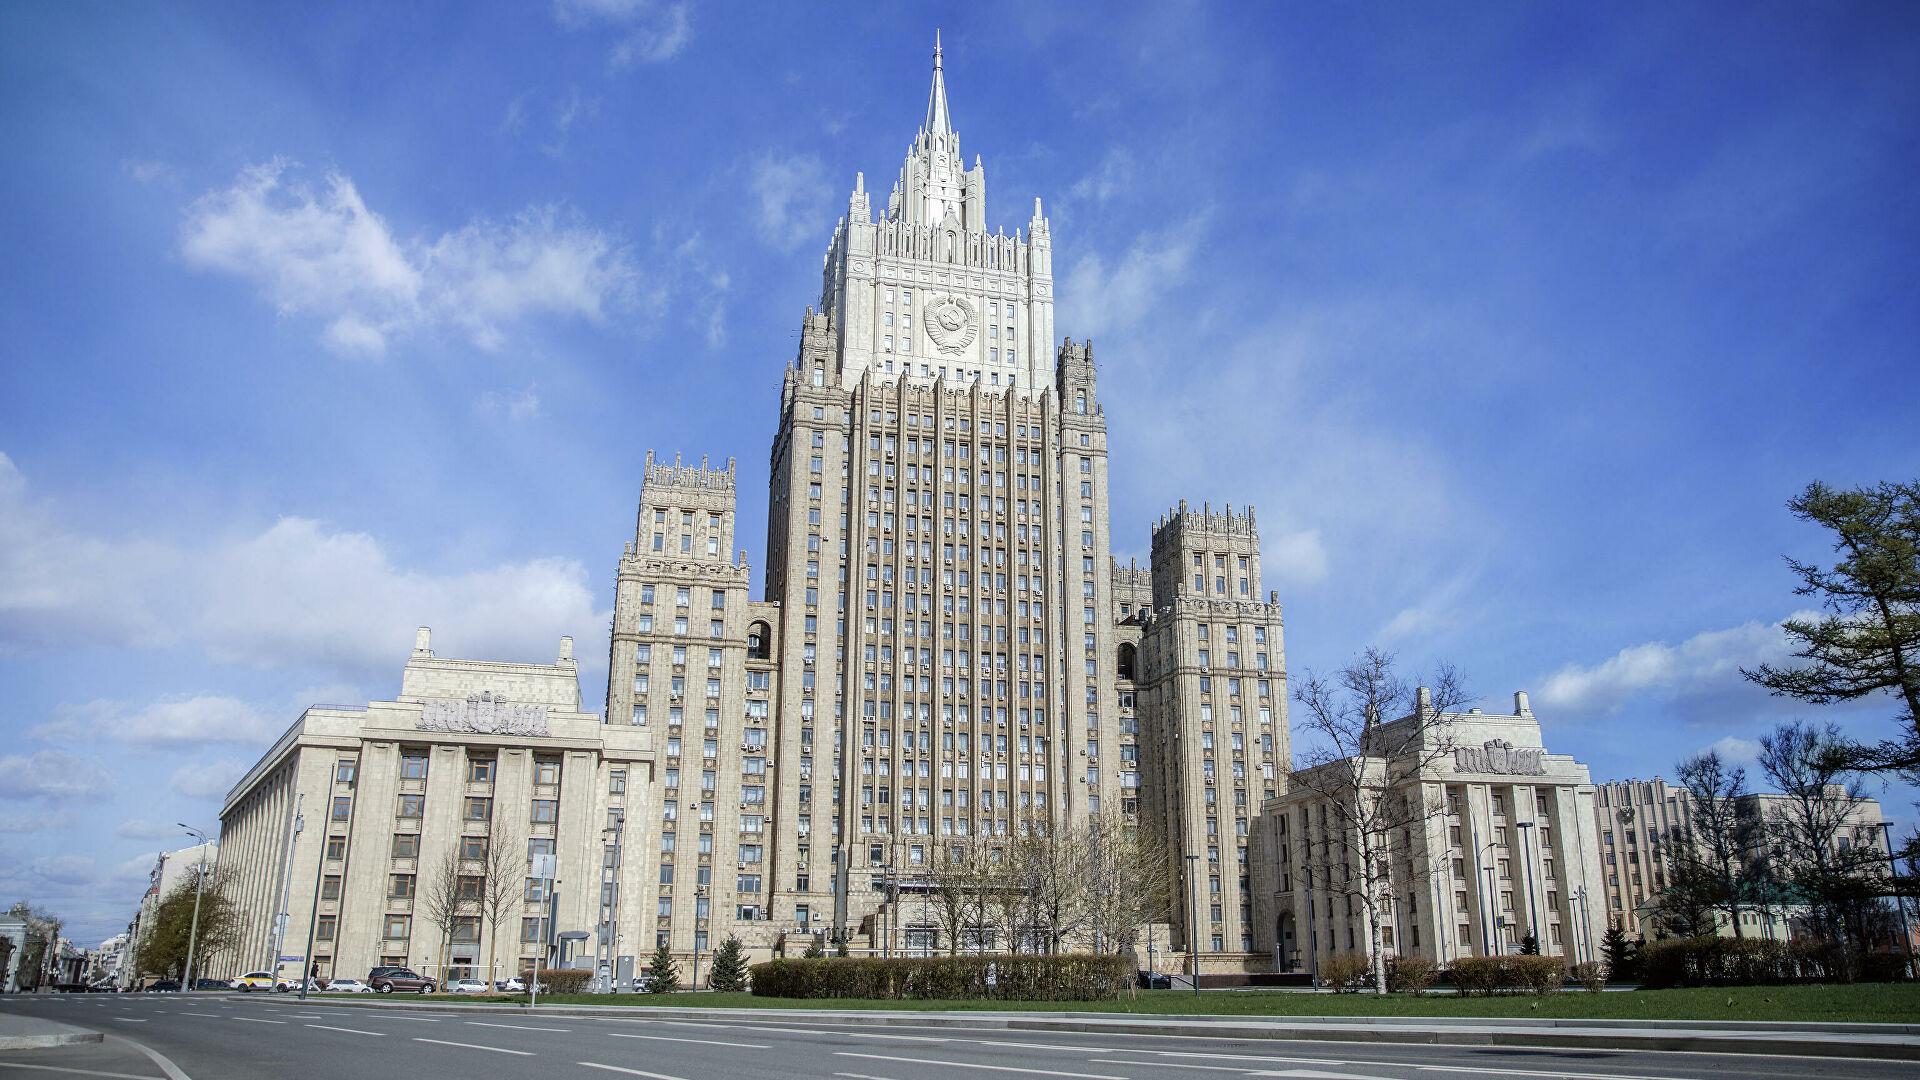 МИД РФ направил ноту протеста Украине из-за планов снести часть советских мемориалов во Львове